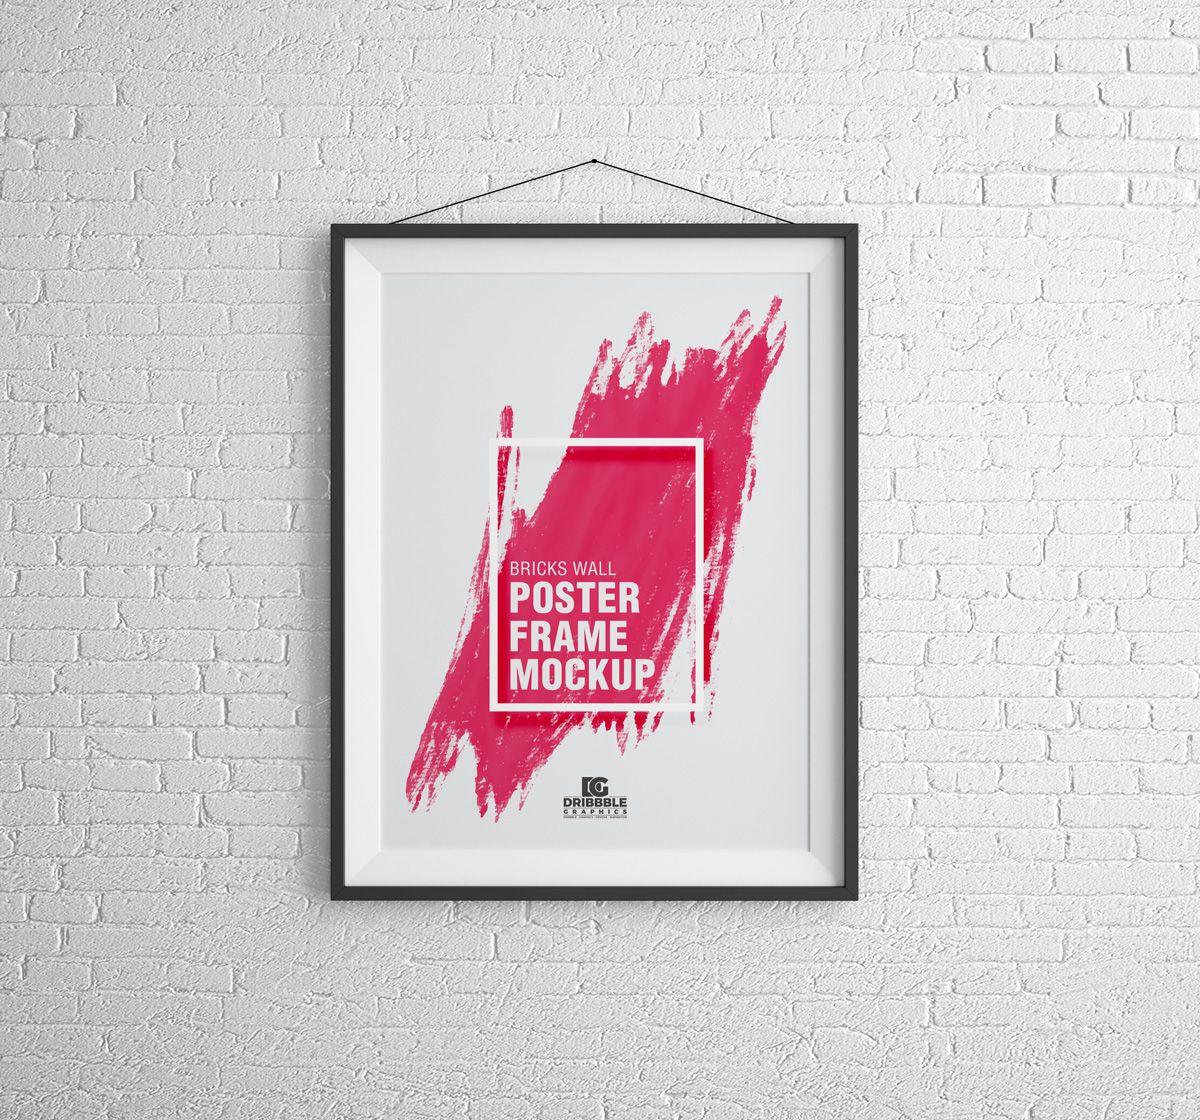 Free Bricks Wall Poster Frame Mockup Psd 2018 Wall Poster Frame Poster Frame Frame Mockups